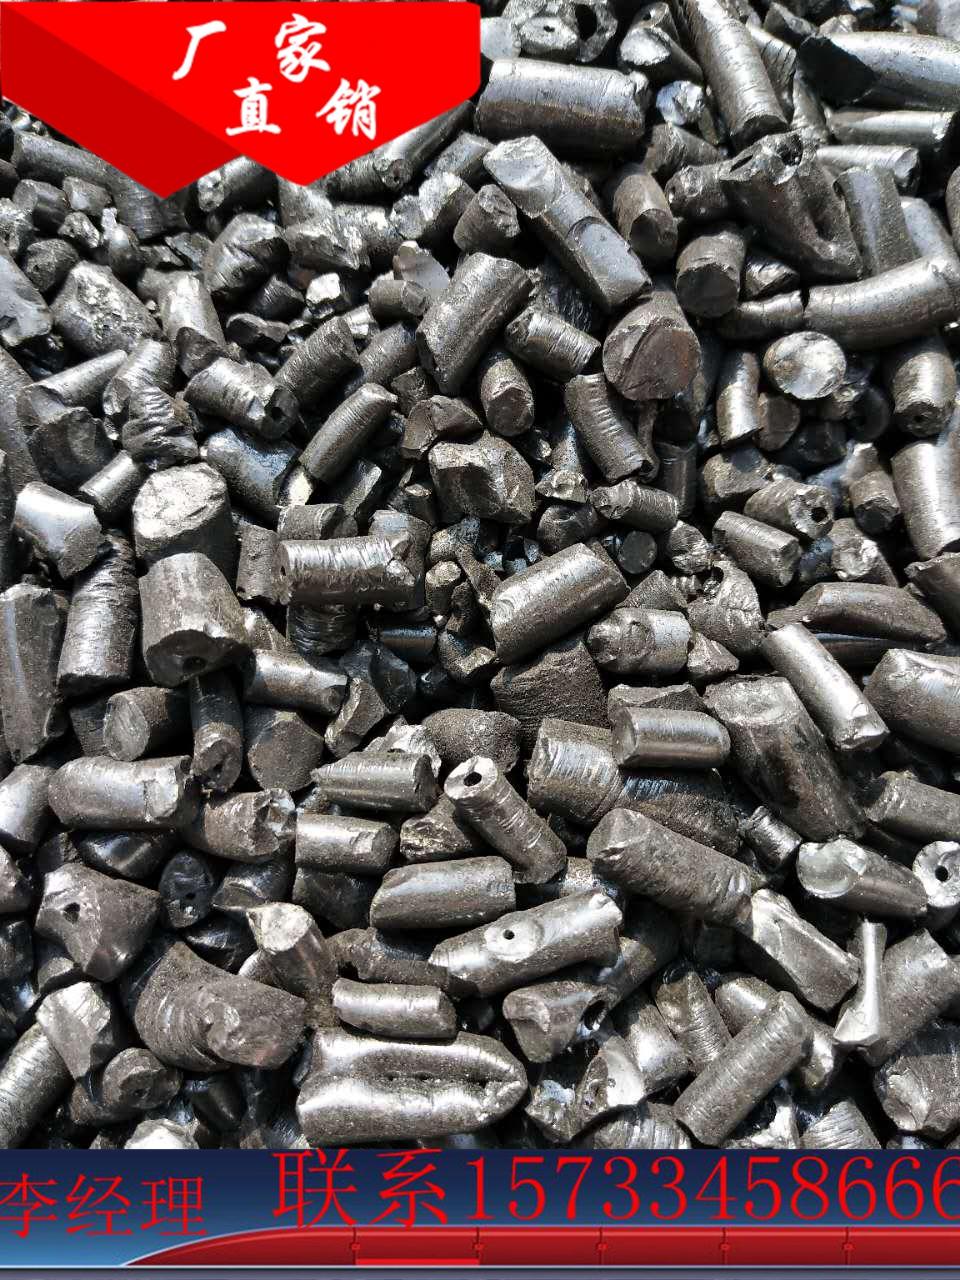 國標改質瀝青、中溫煤瀝青 、高溫煤瀝青、廠家直銷加工瀝青粉80-200目